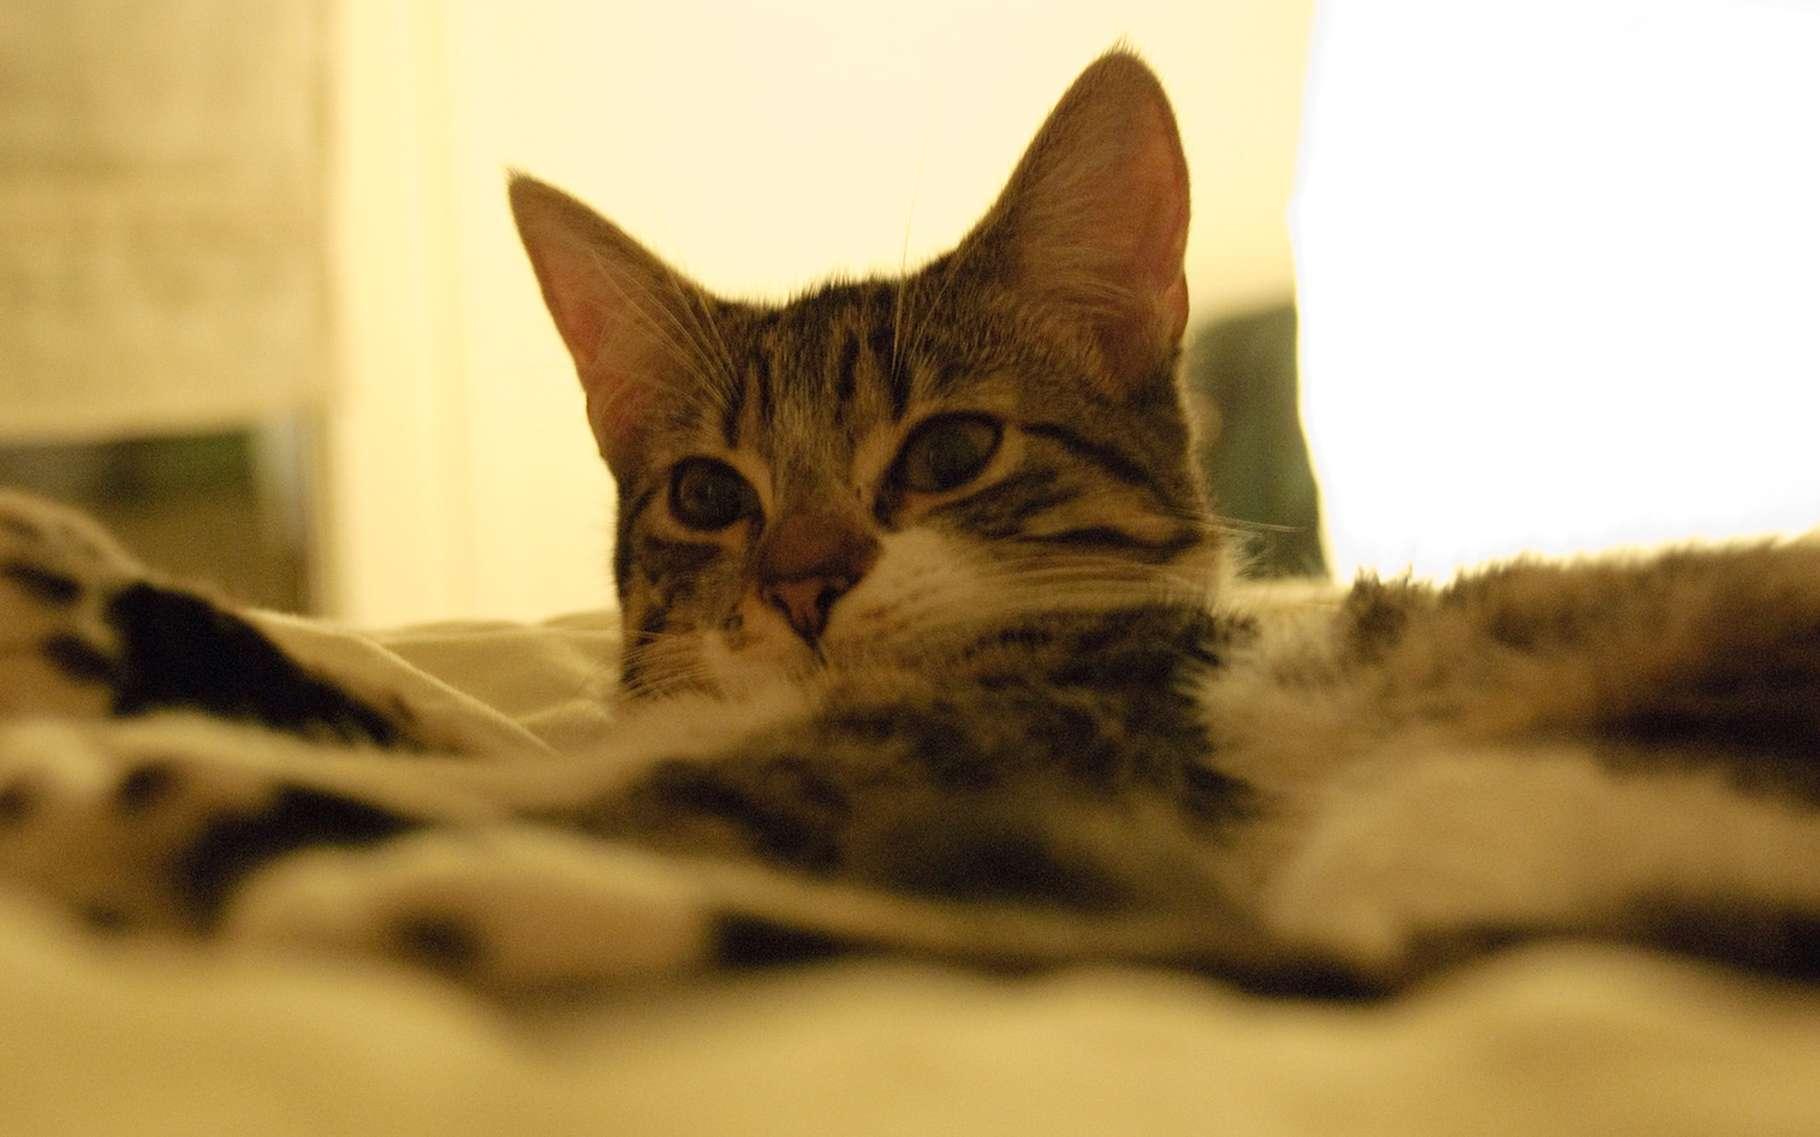 La musique peut-elle aussi adoucir les mœurs des chats ? © Jérôme Decq, Flickr, CC by 2.0